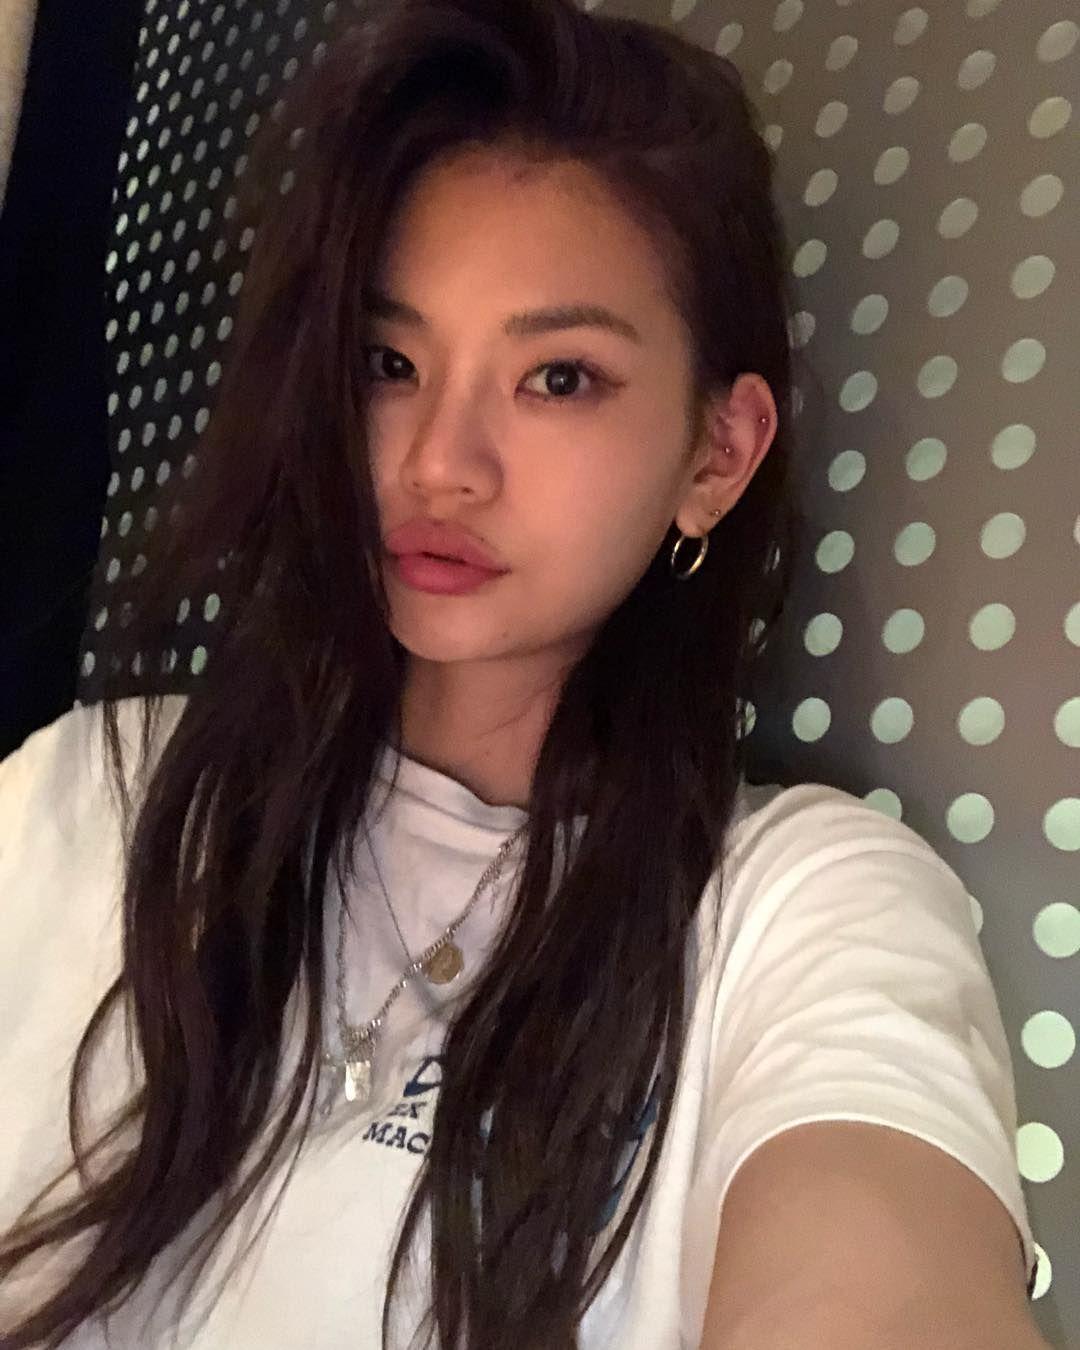 Anda In Instagram Gonderisi 1 Tem 2018 1 33oo Utc Elegant Nails Hair Inspiration Makeup Looks